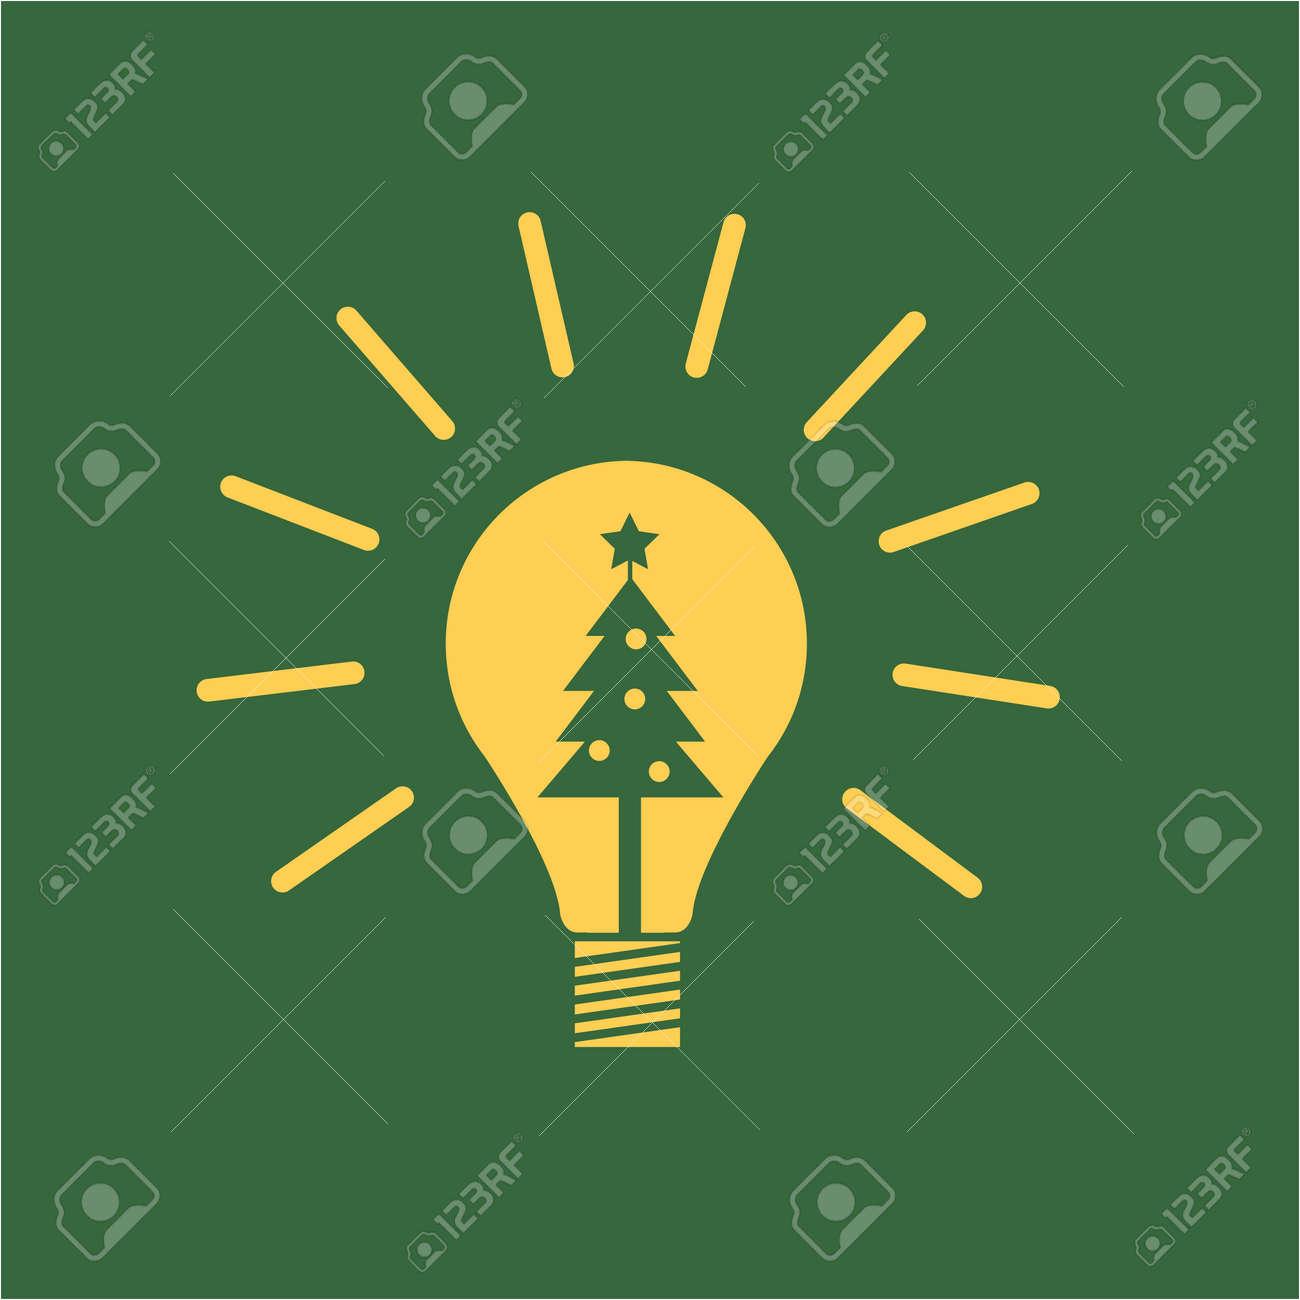 Vector Neue Idee Symbol Glühbirne Mit Weihnachtsbaum Innen | Gelb ...